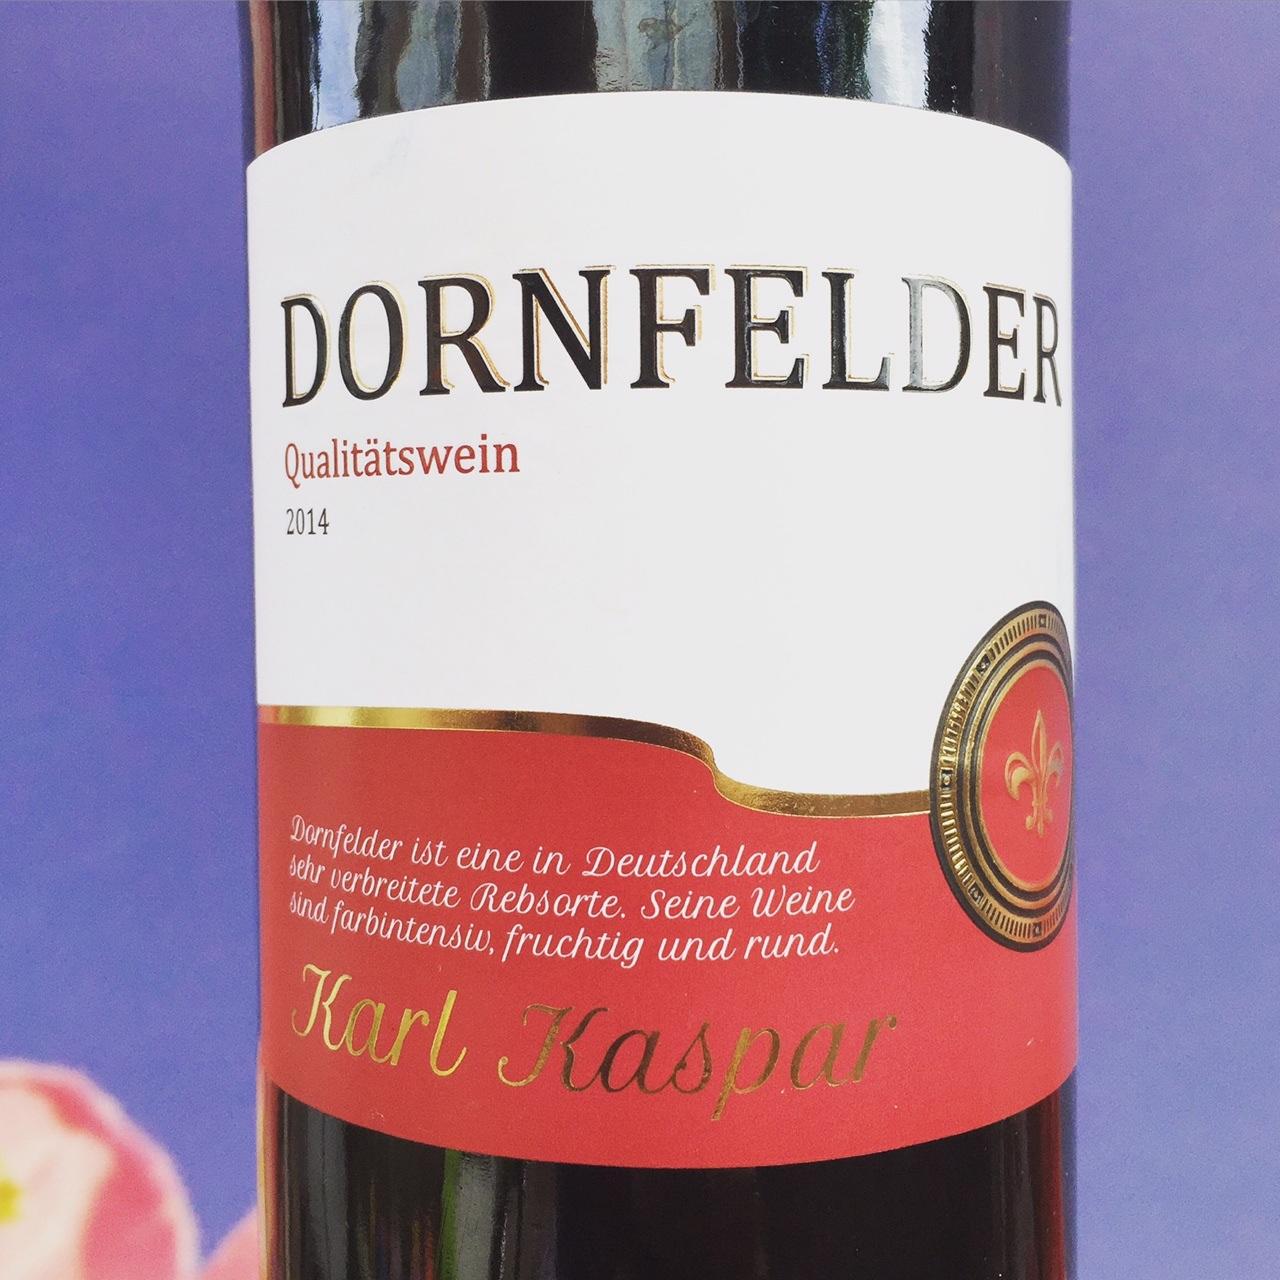 Dornfelder wijnreview door Mama Drinkt Wijn, vinoloog sinds 2006